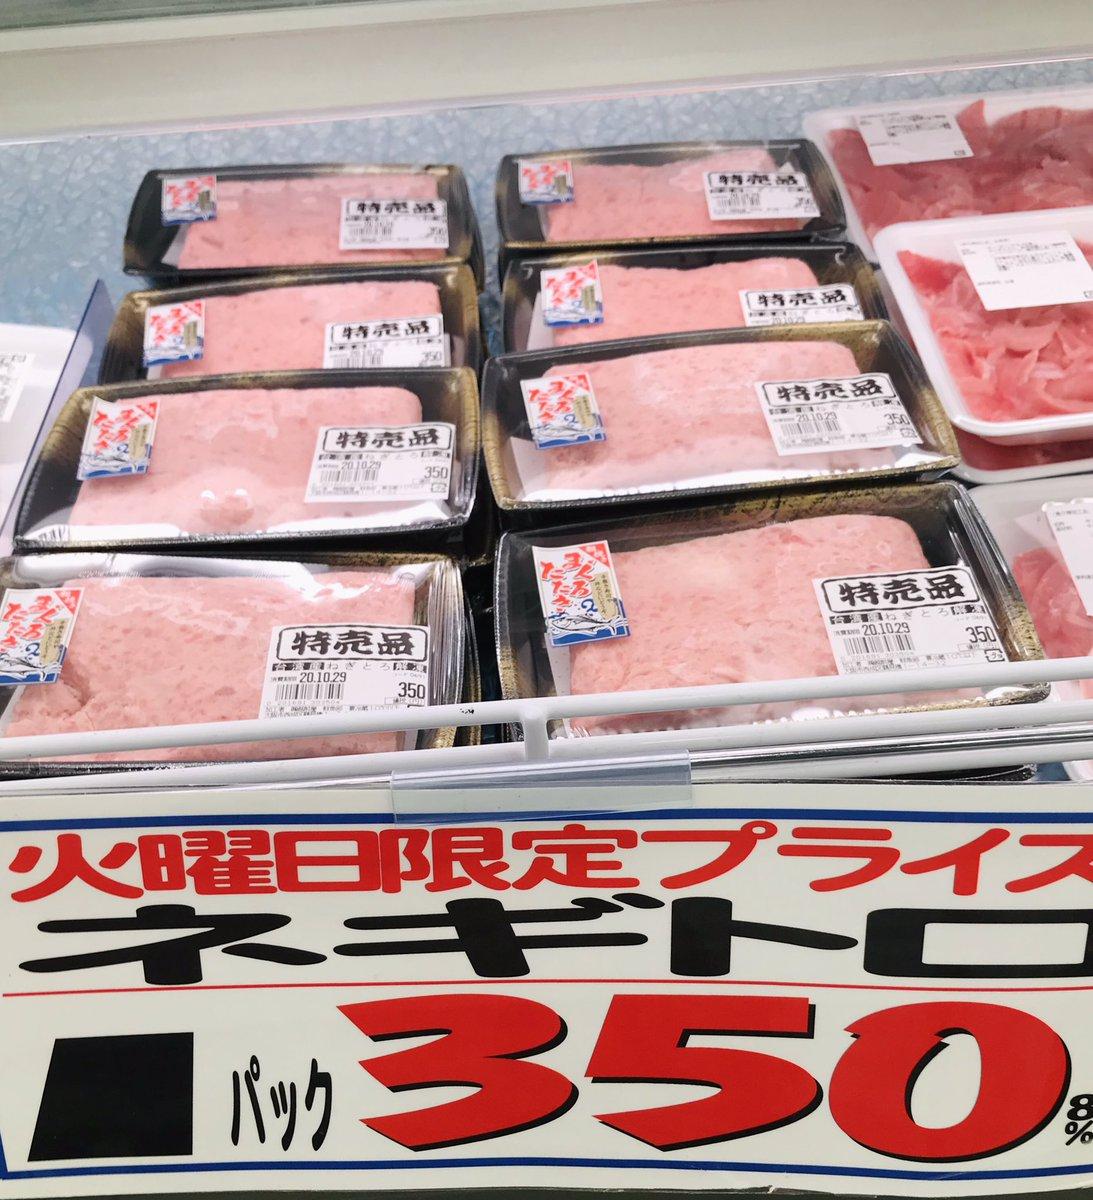 鮮魚コーナーよりは毎週火曜日はネギトロが安い🤤晩ご飯にネギトロのユッケはいかがですか❓レシピはこちらです是非参考にしてみてはいかがでしょうか❗️❓